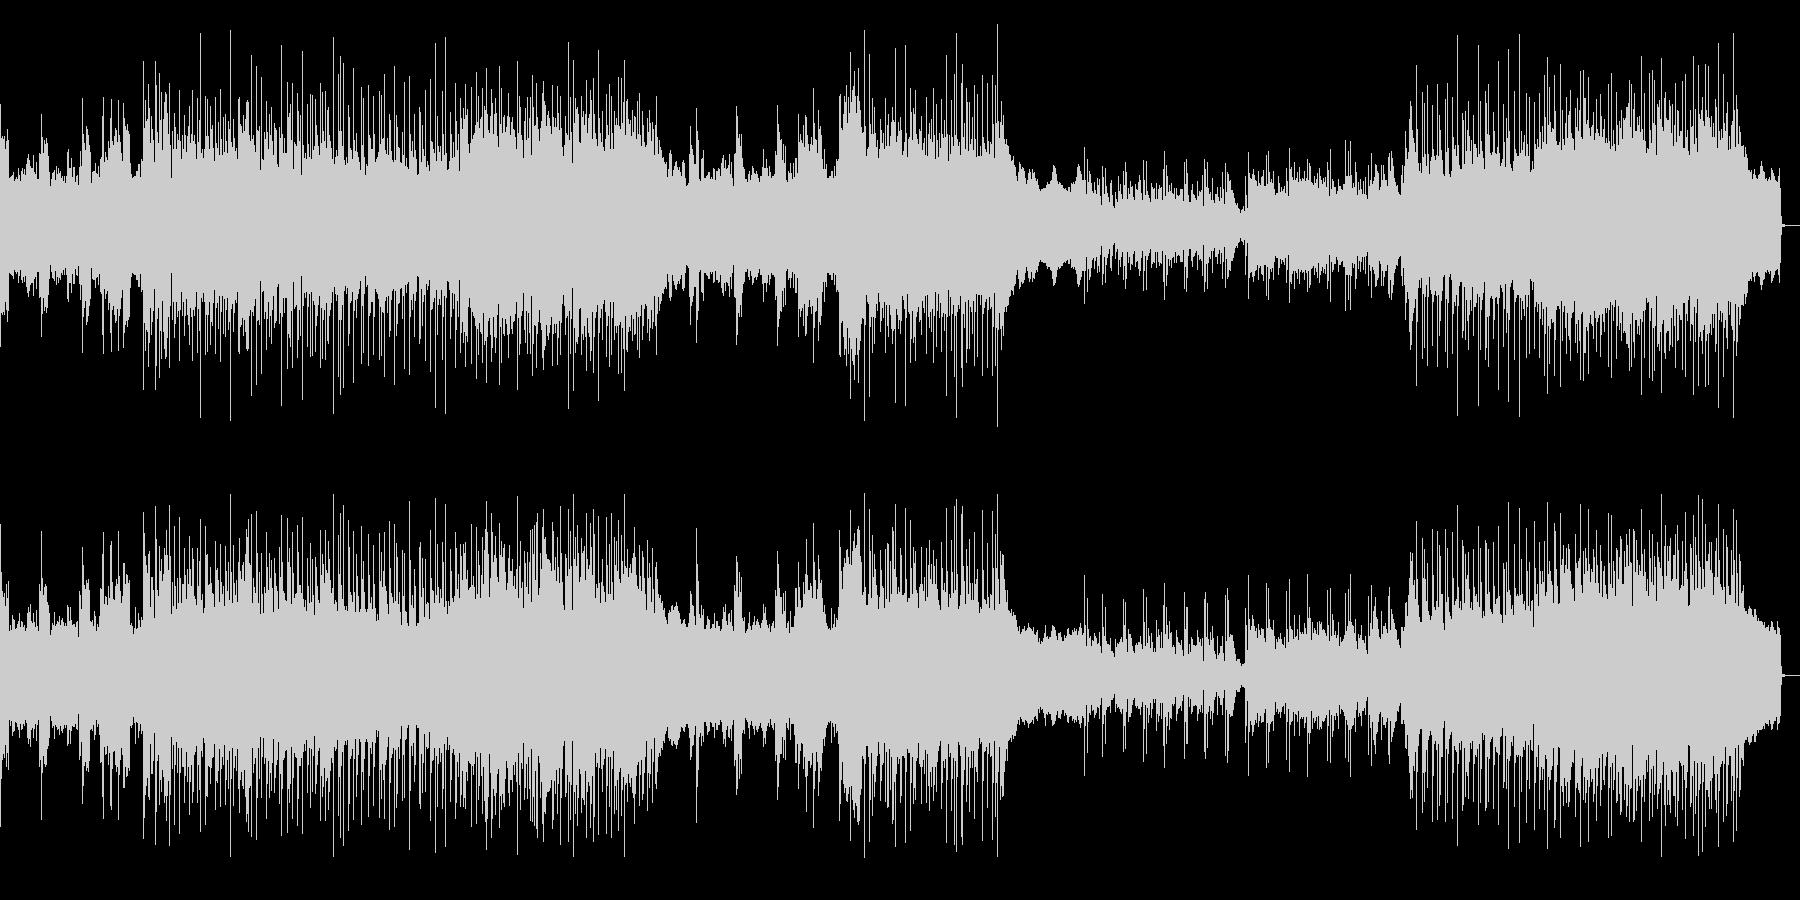 往年のハードロック(ギターソロ抜き)の未再生の波形